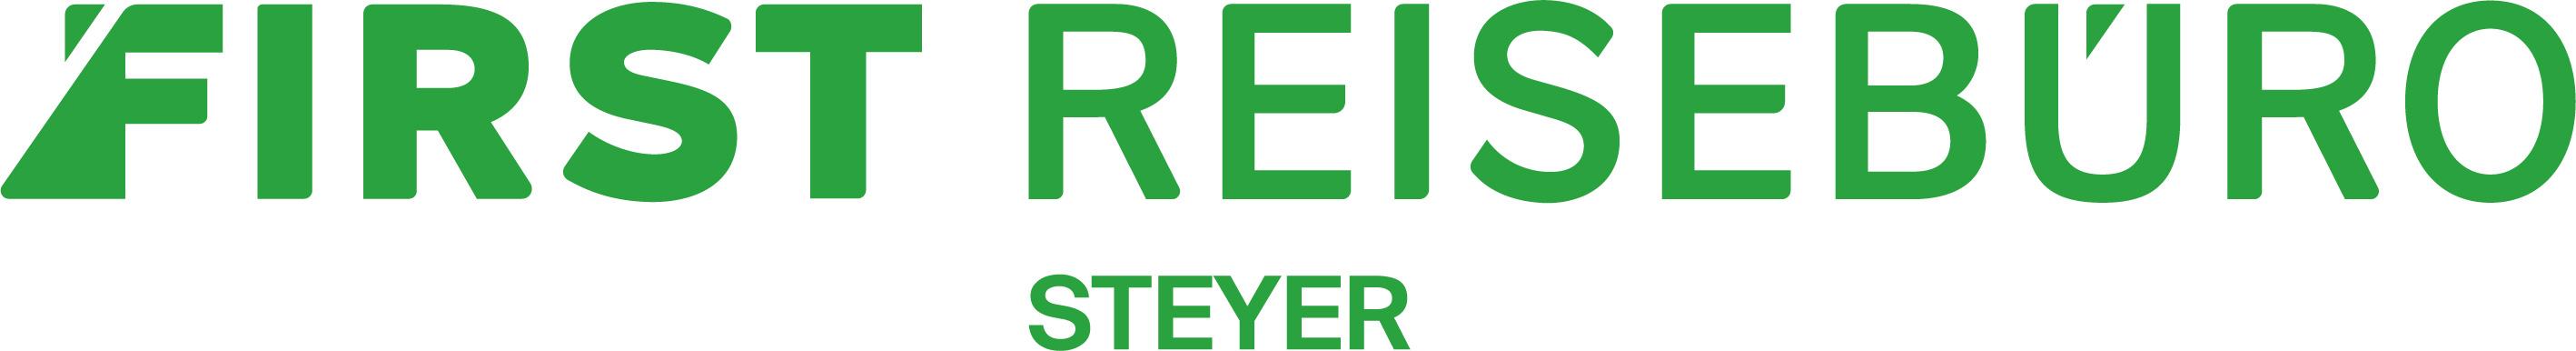 Reisebuero_Steyer